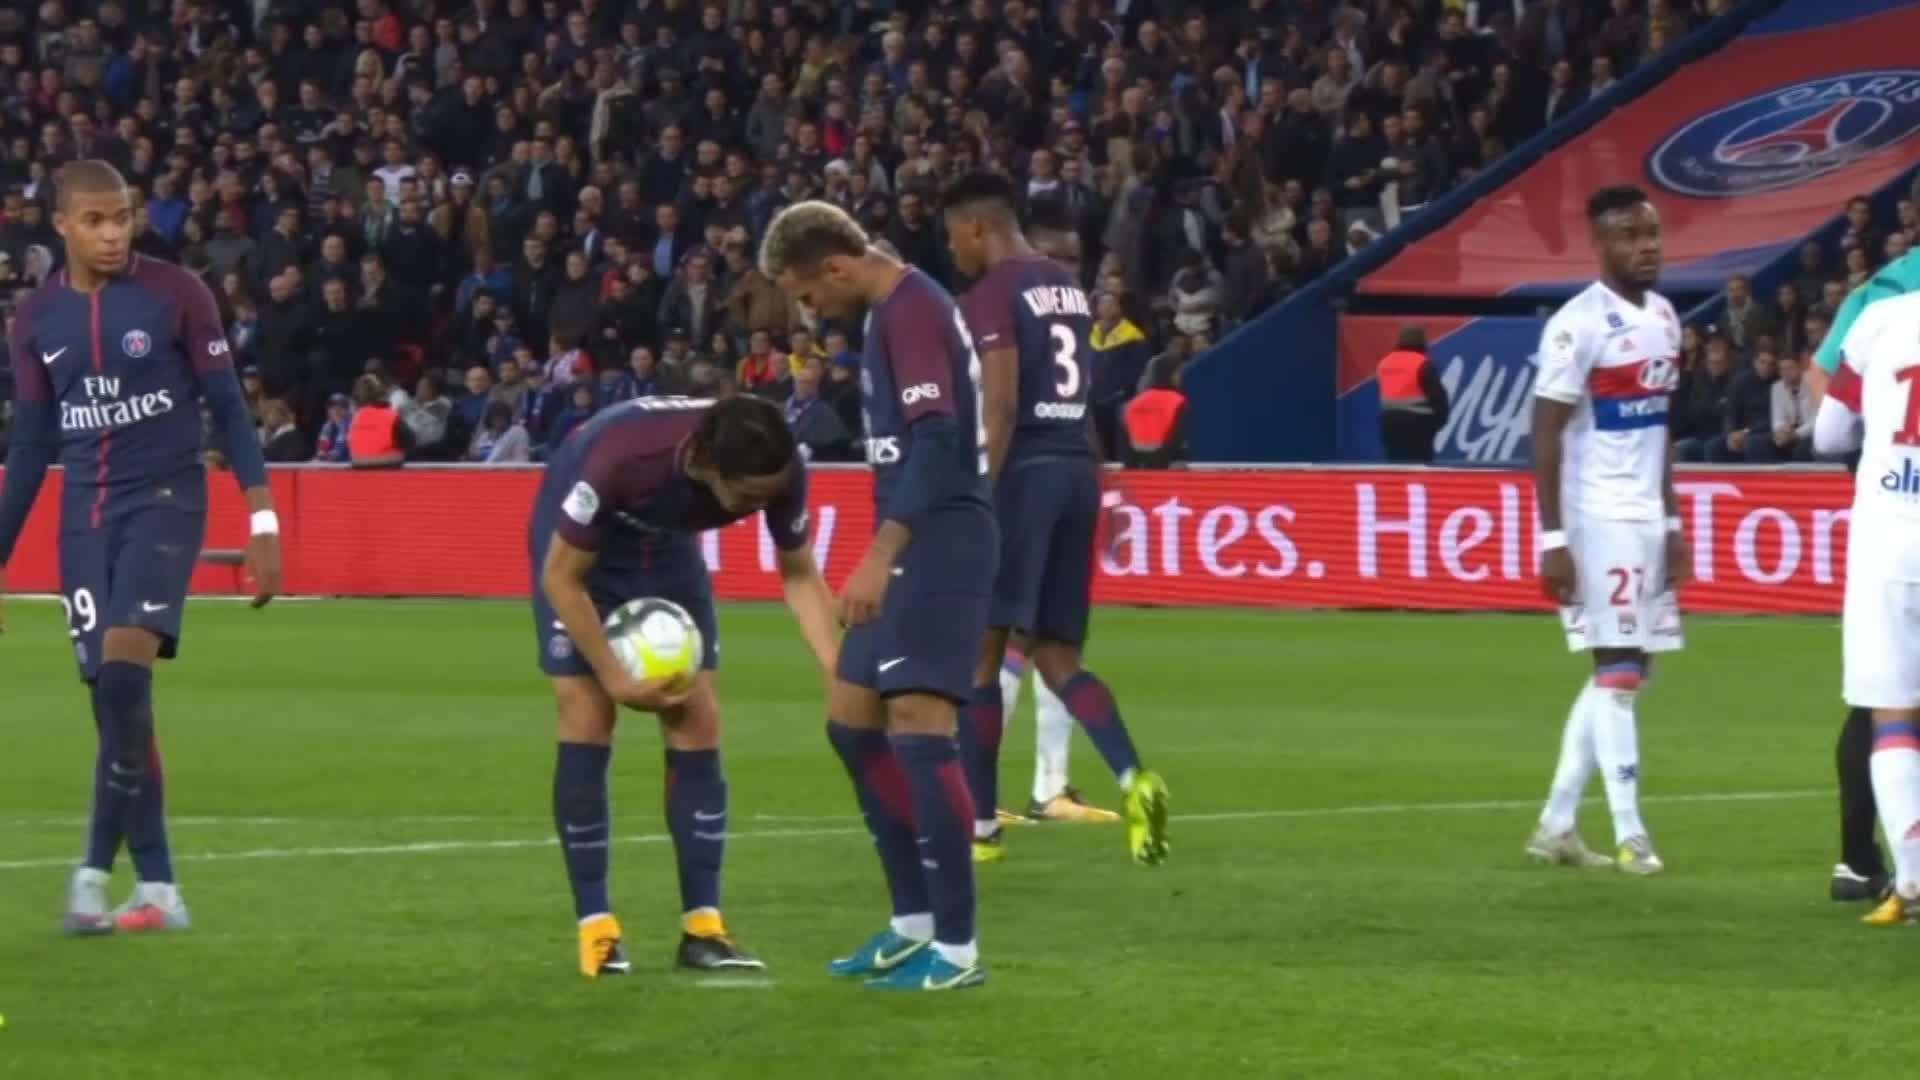 Sau trận đấu đêm nay PSG sẽ nhận ra tiền không bao giờ là tất cả?